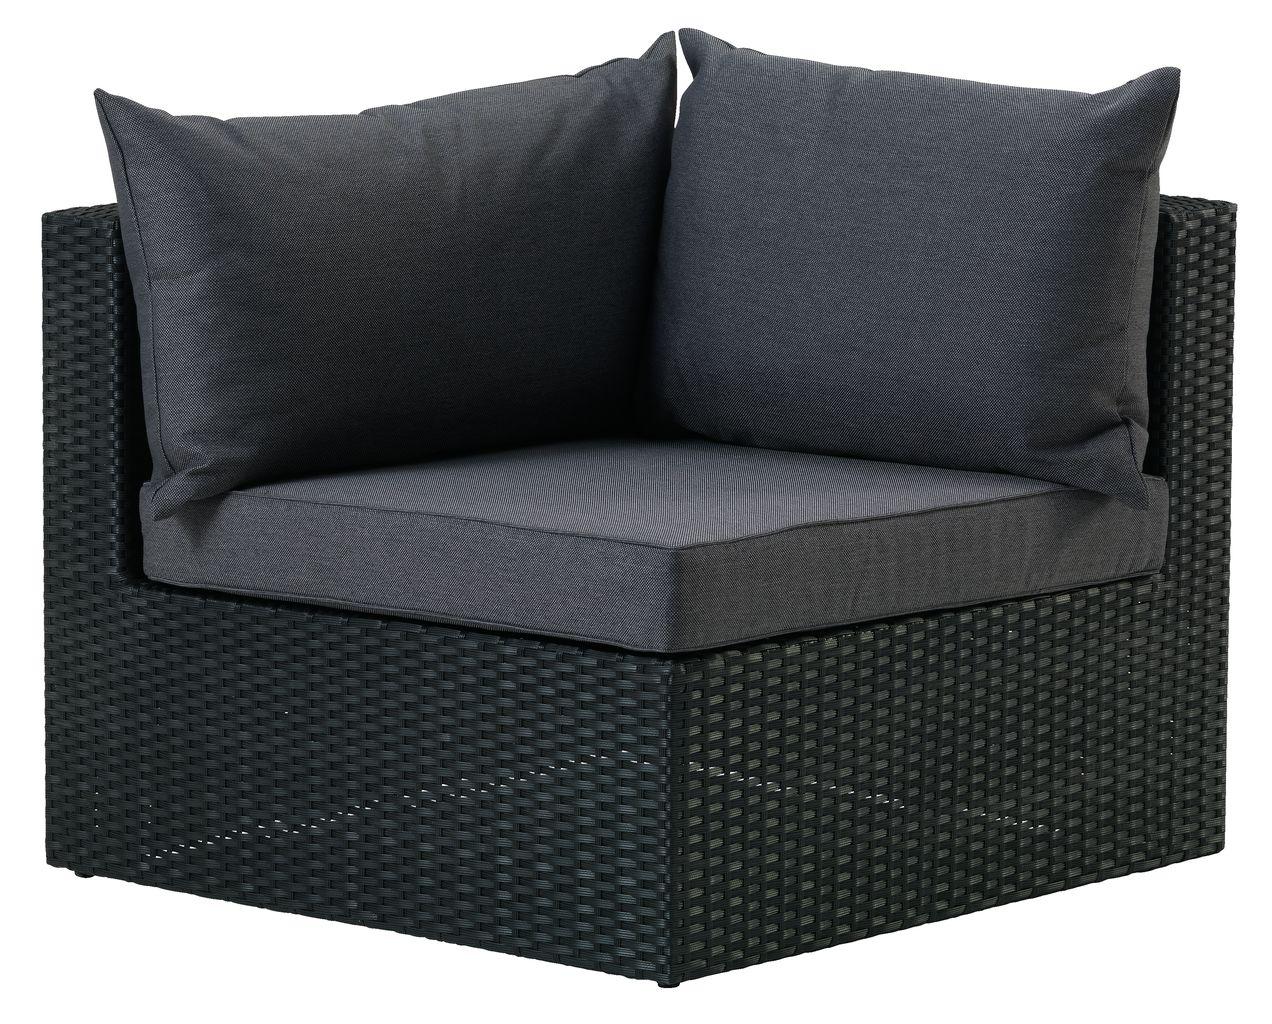 Luxe Loungeset Zwart.Loungeset Bastrup Hoekmodule Zwart